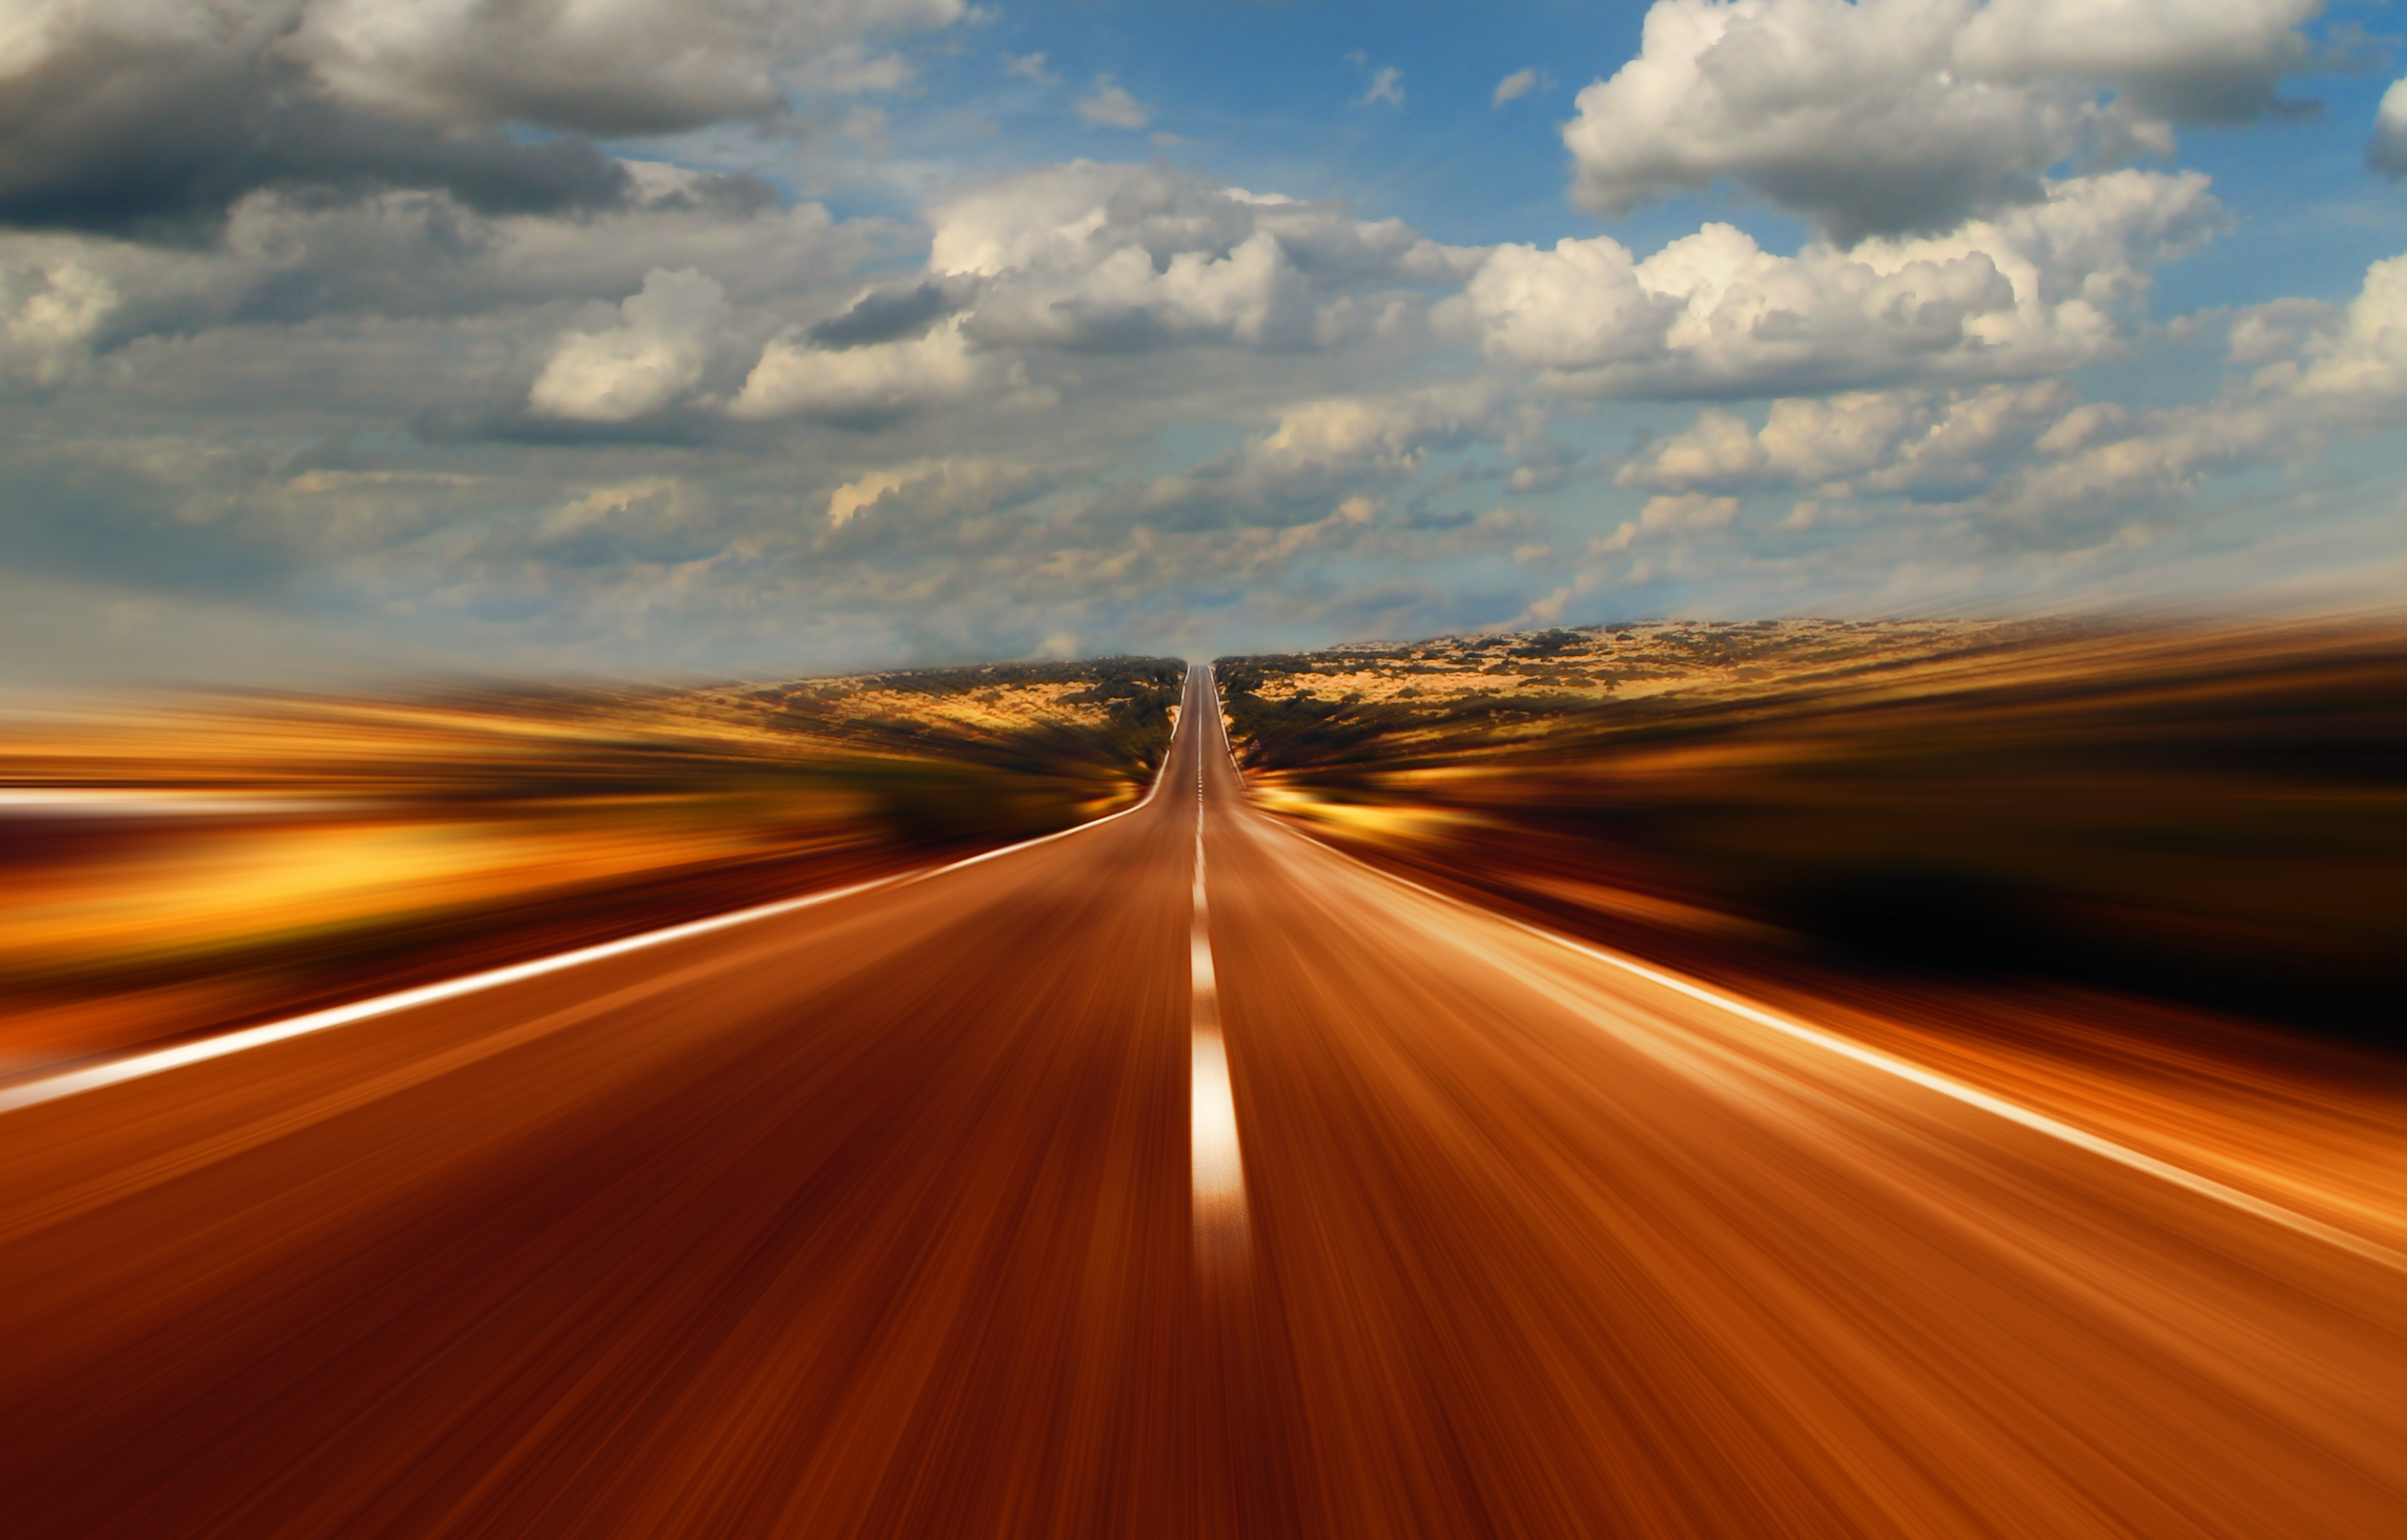 Скорость, размытость infinity бесплатно